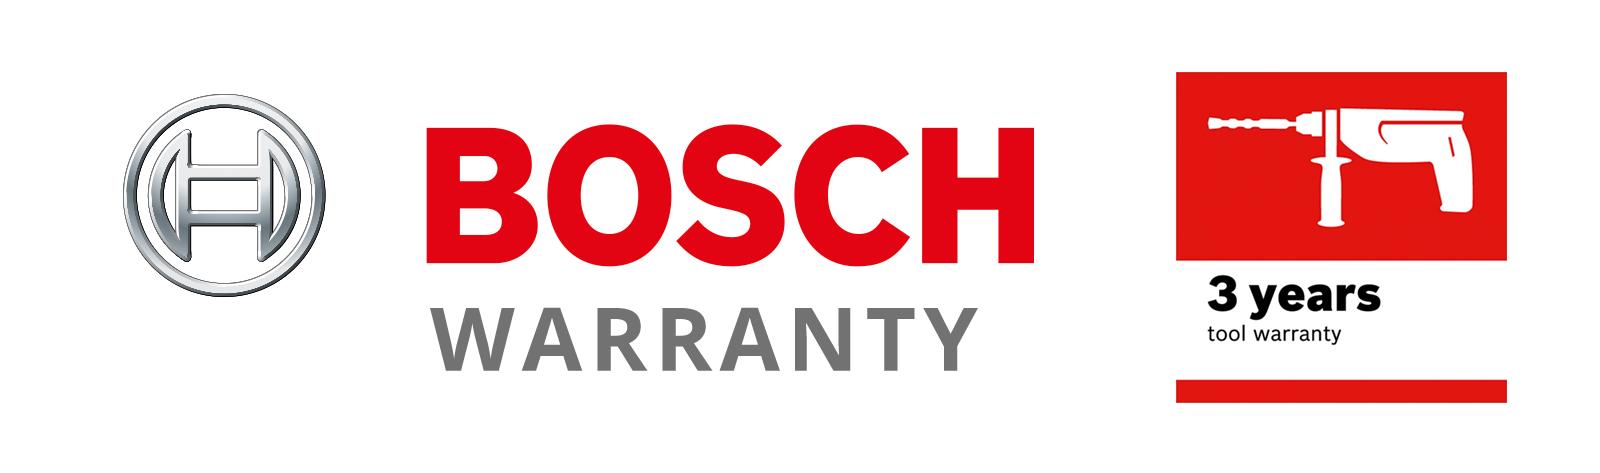 bosch-warranty.png